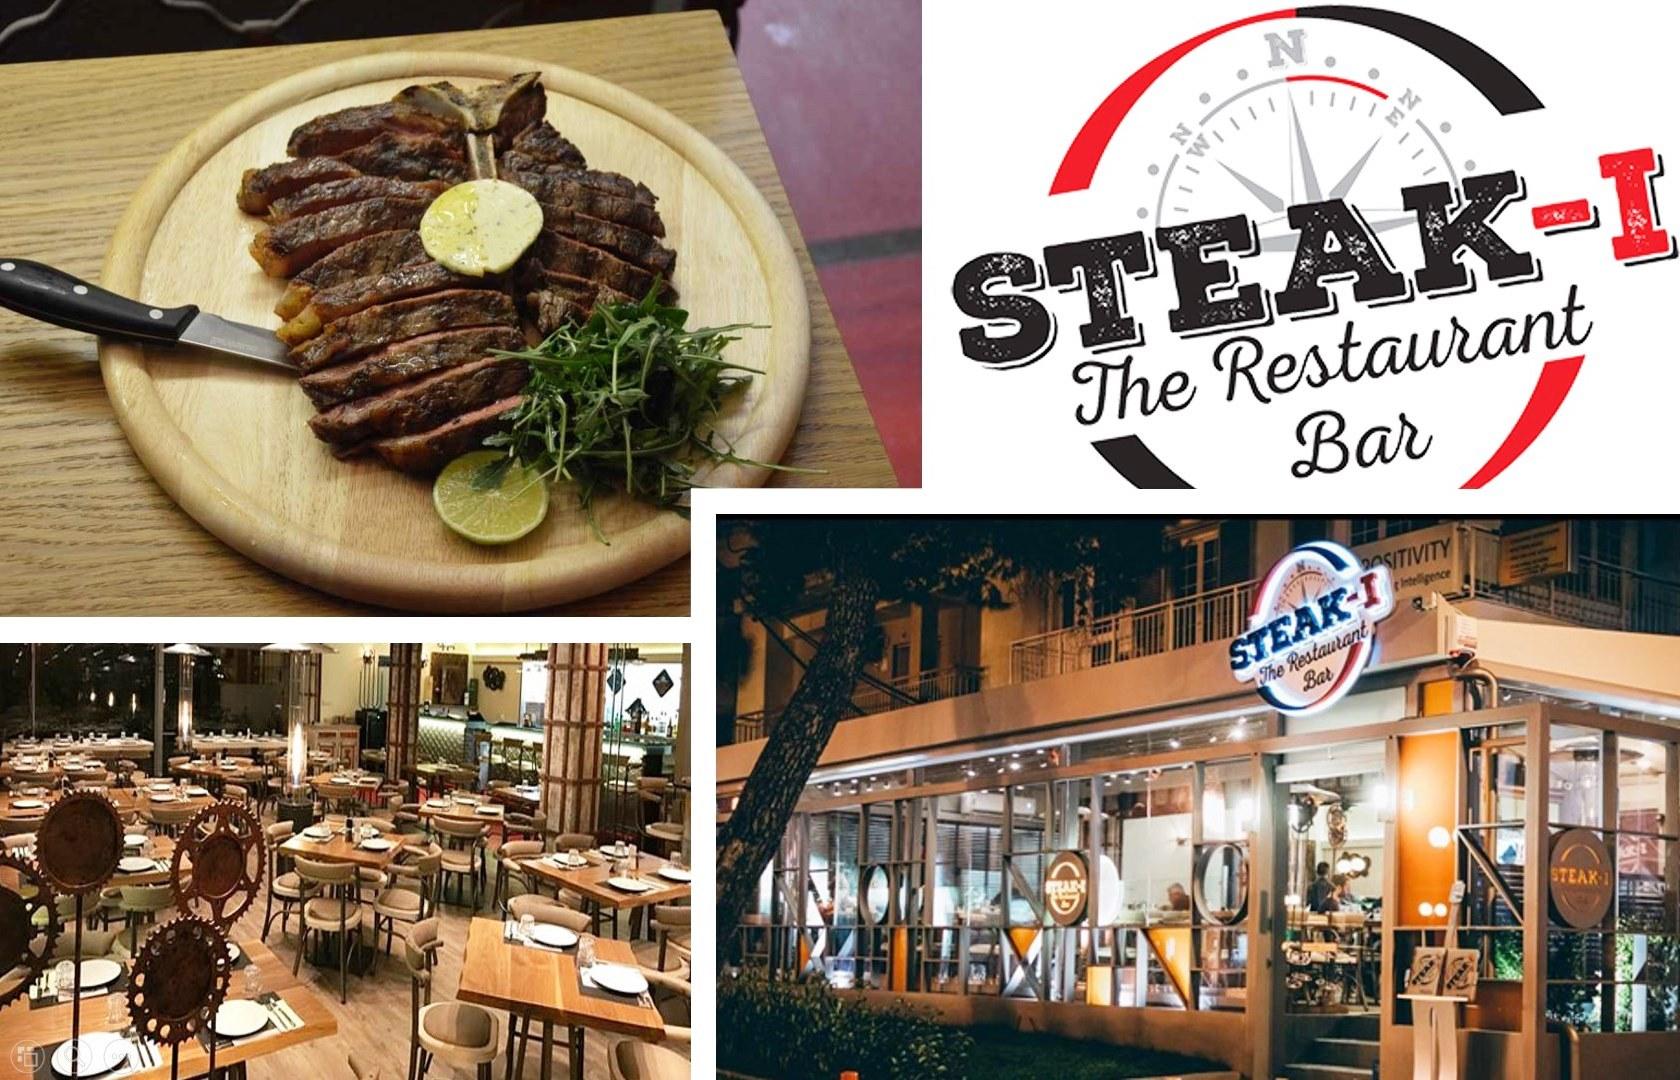 15€ από 30€ για πλήρες menu 2 ατόμων, ελεύθερη επιλογή, στο ''Steak-I'' στην Αγία Παρασκευή, για τους εραστές του καλού κρέατος εικόνα